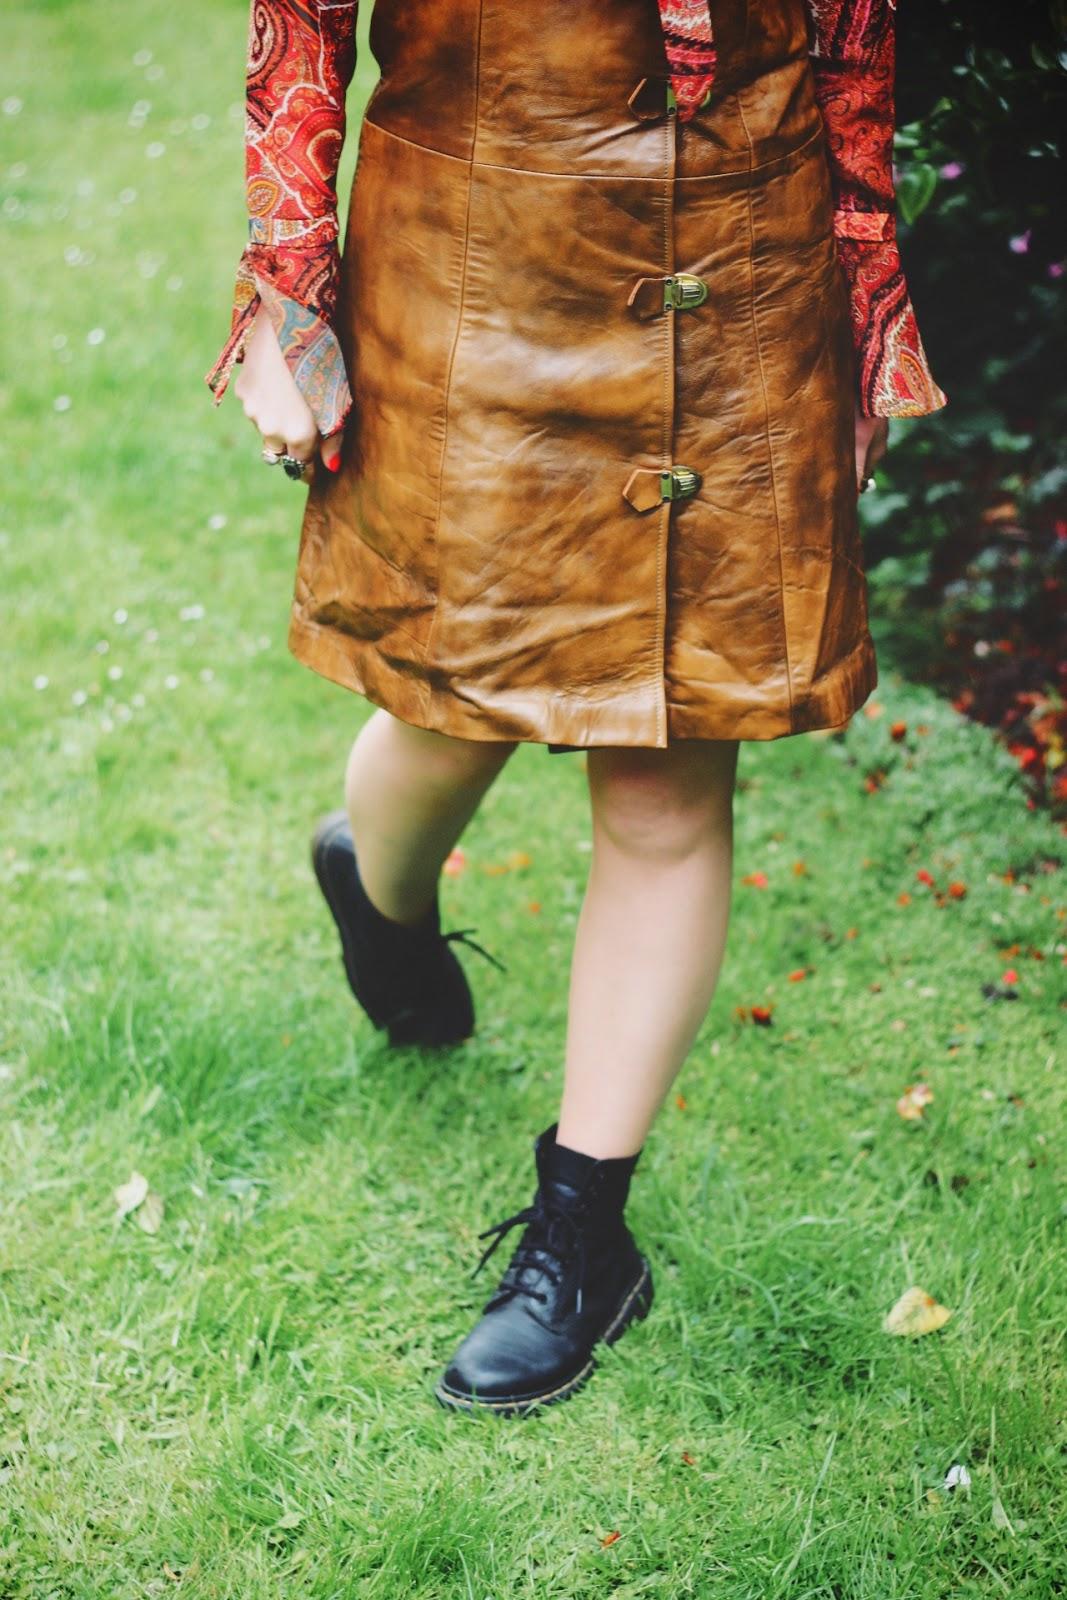 Beyond Retro Vintage Leather 70s Buckle Dress & Dr Martens Boots Festival